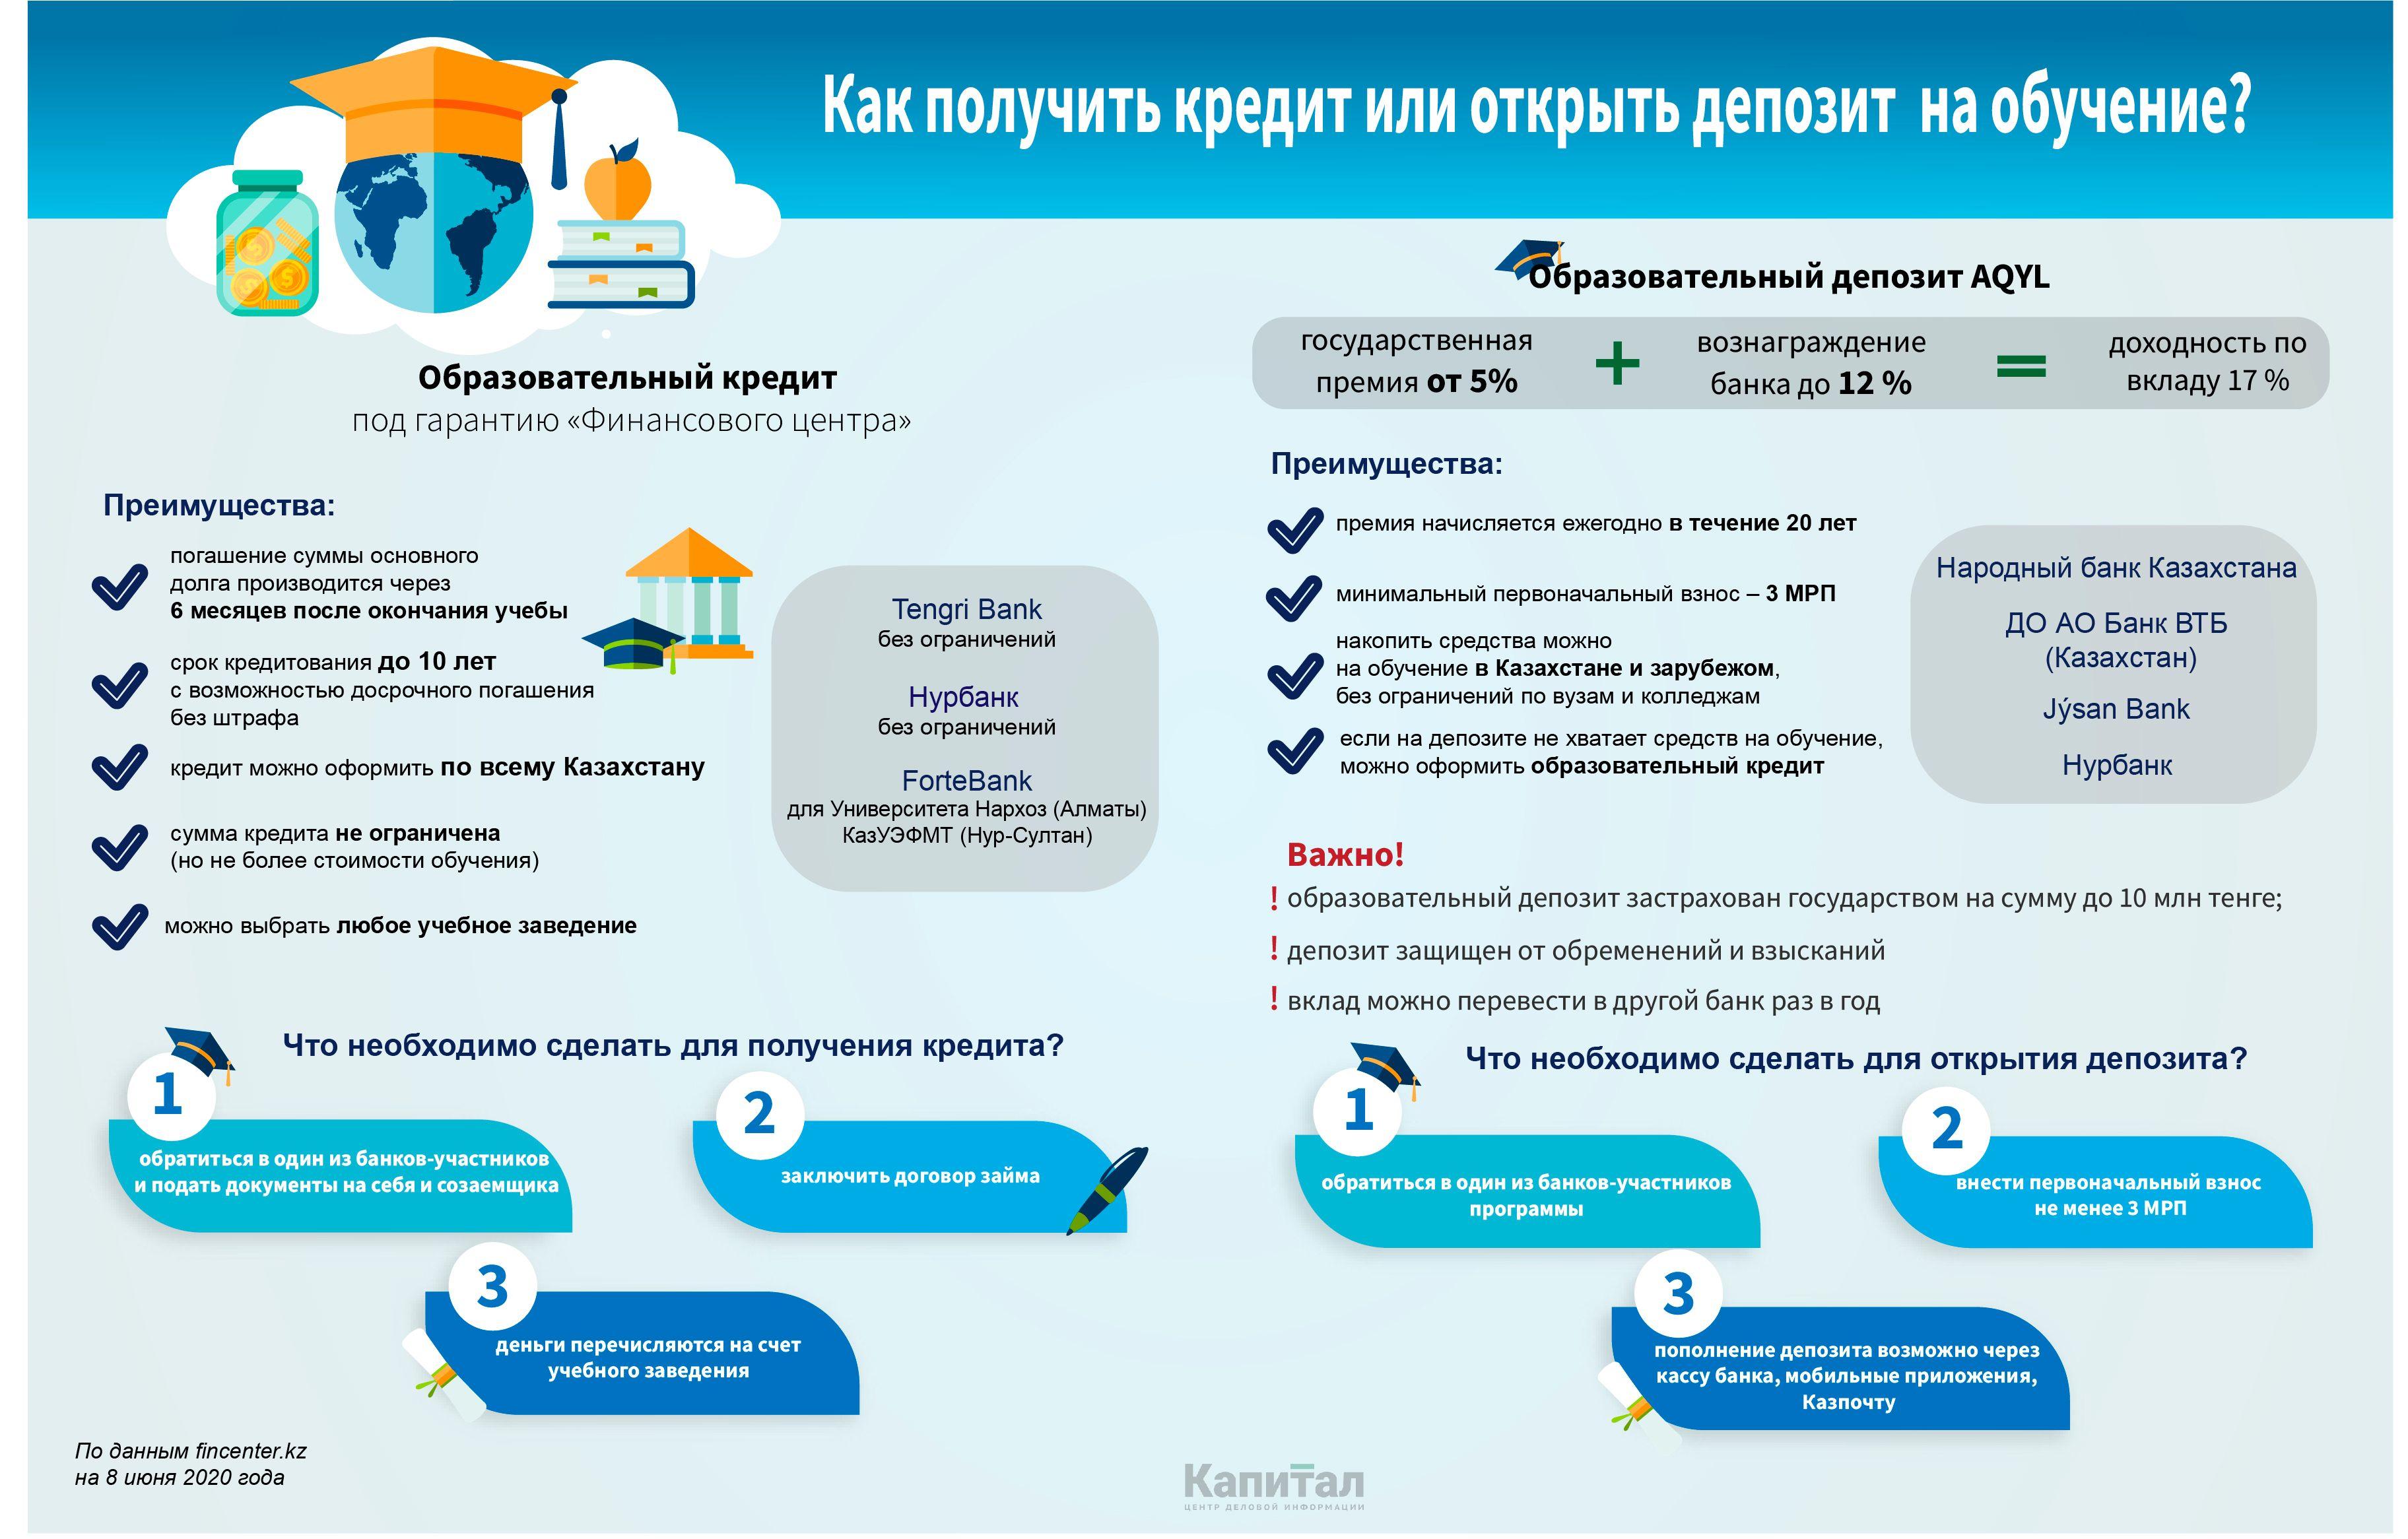 Как получить кредит на образование? 330268 - Kapital.kz